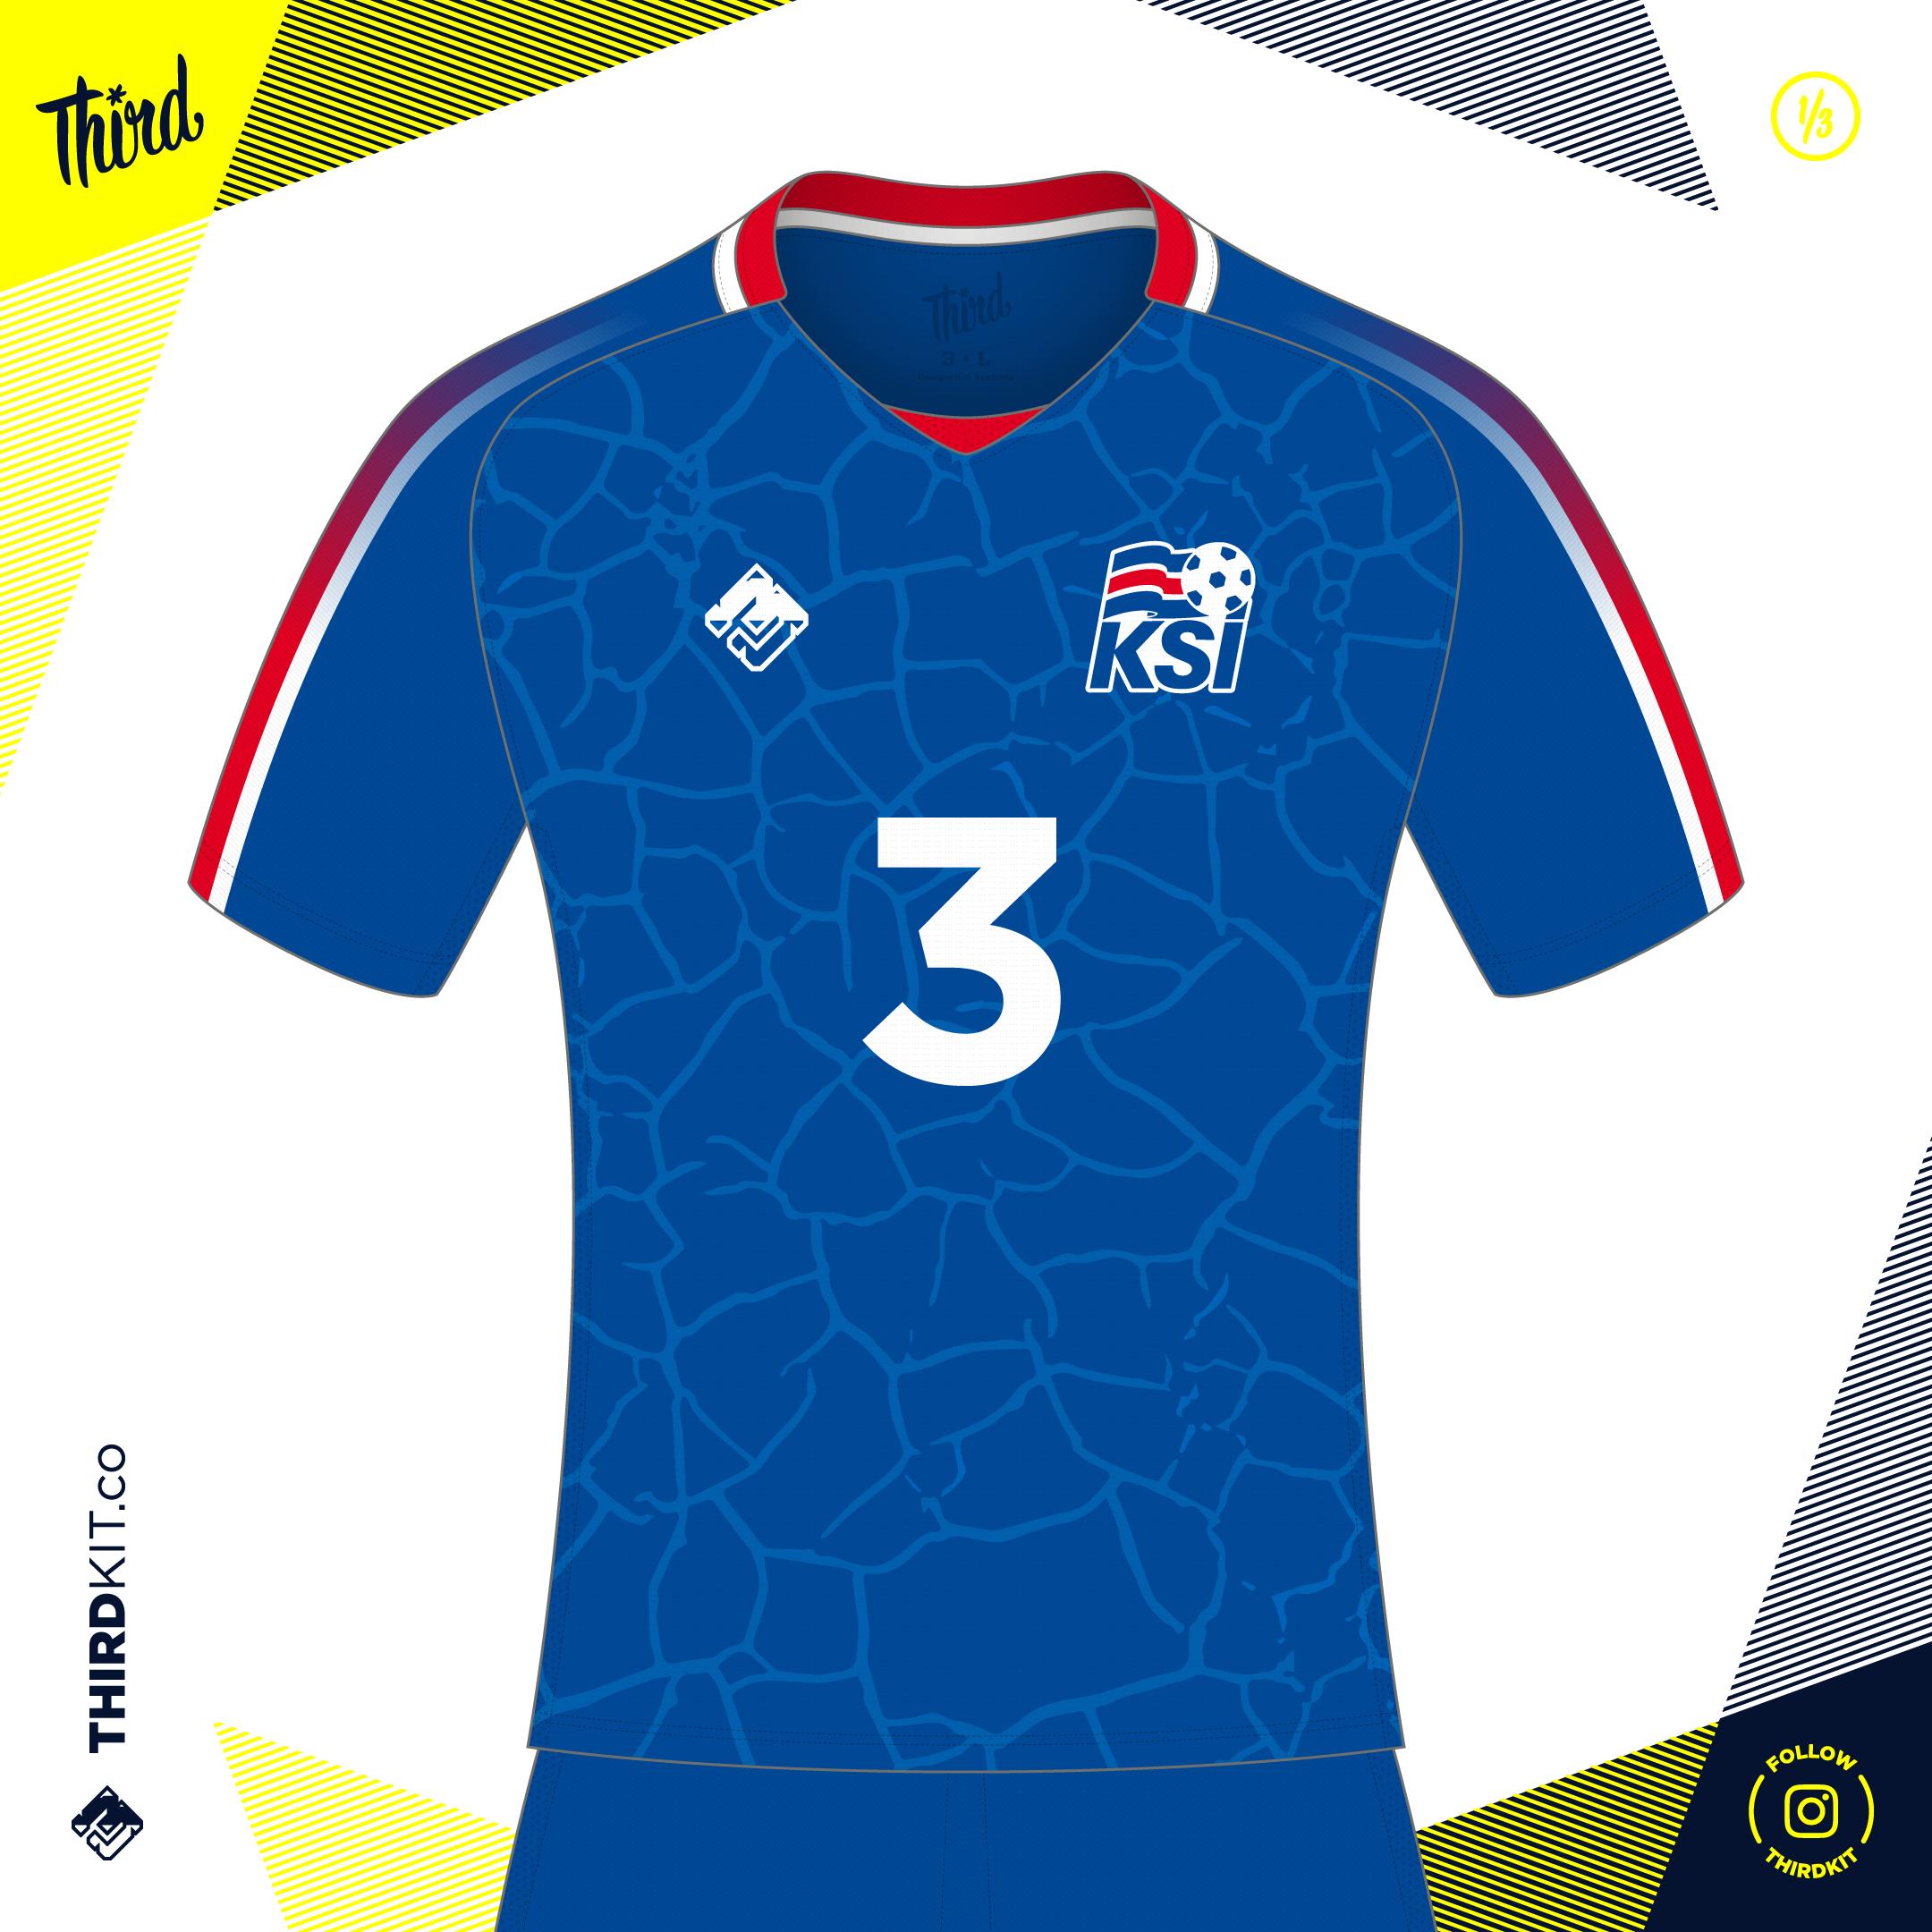 398e71b0feb Iceland World Cup 2018 concept — Third Sports Design by Dean Robinson